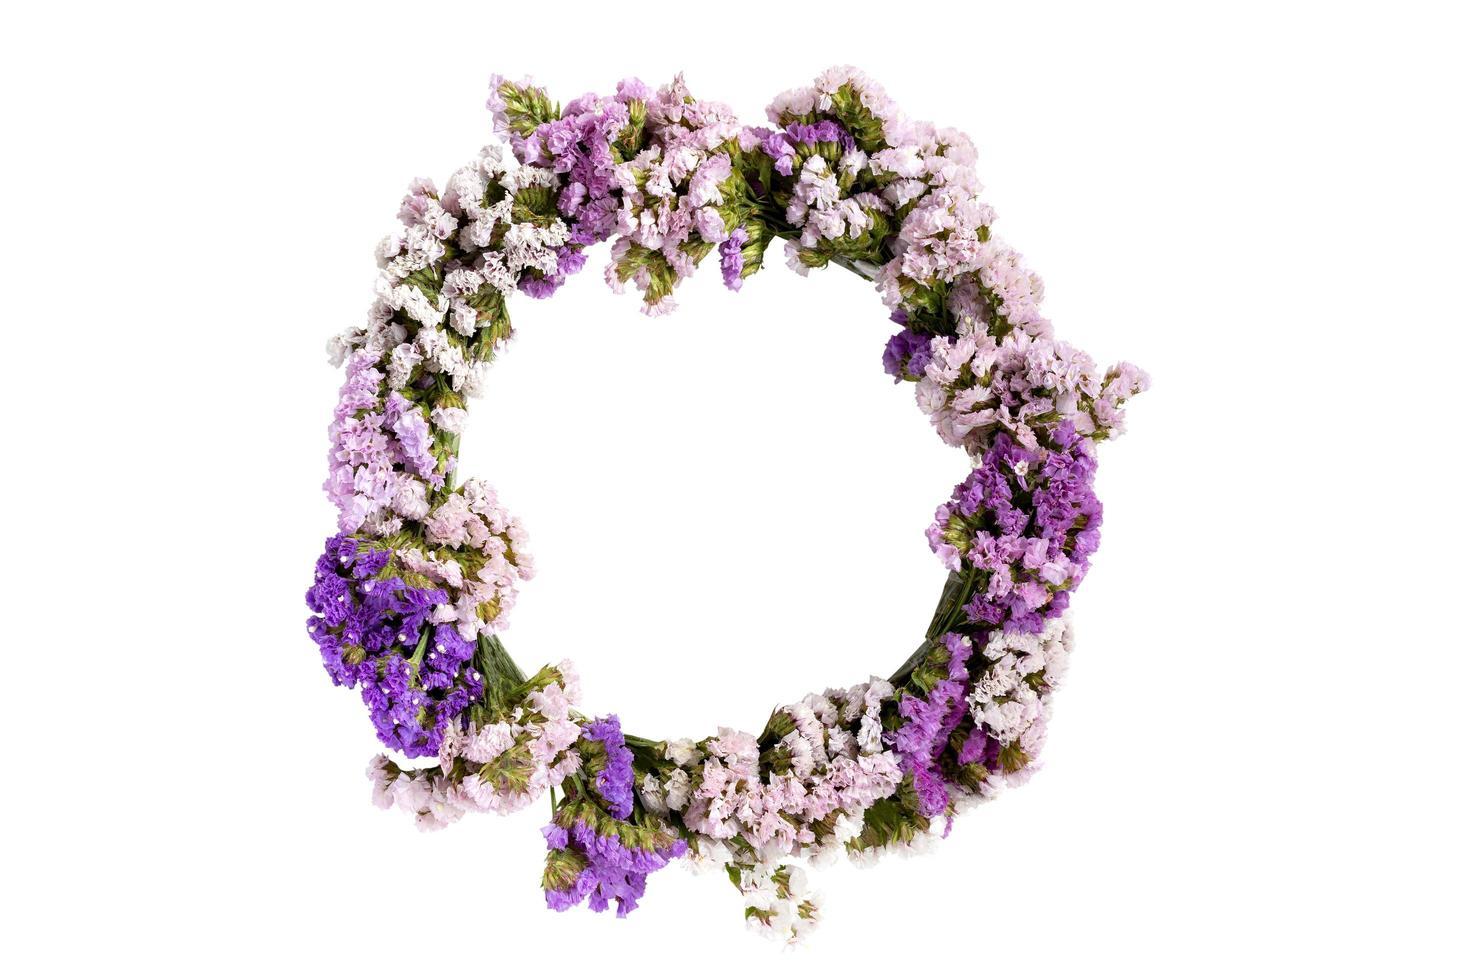 cirkelmönster av vackra blommor isolerad på en vit bakgrund foto